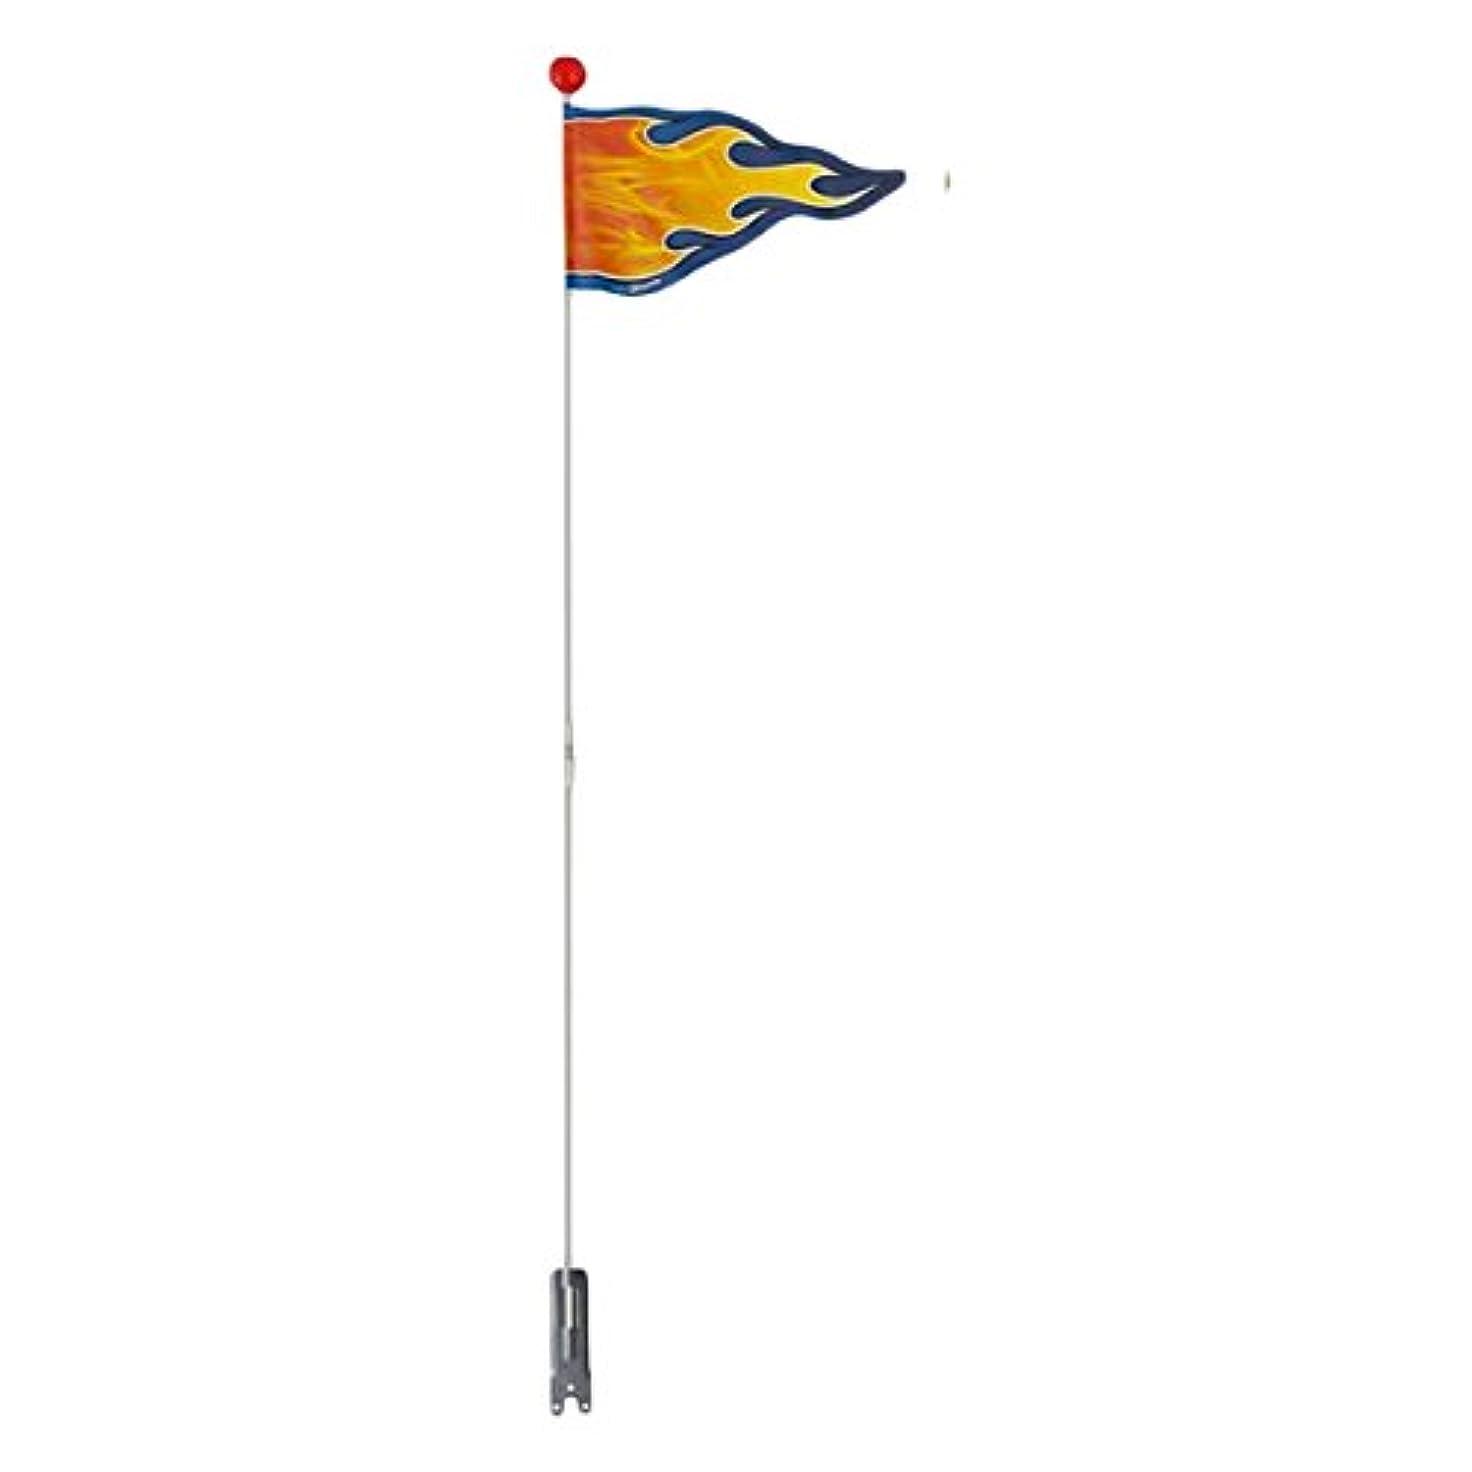 高架意図する測定Kidzamo Flame Safety Flags (2-Piece) by Kidzamo